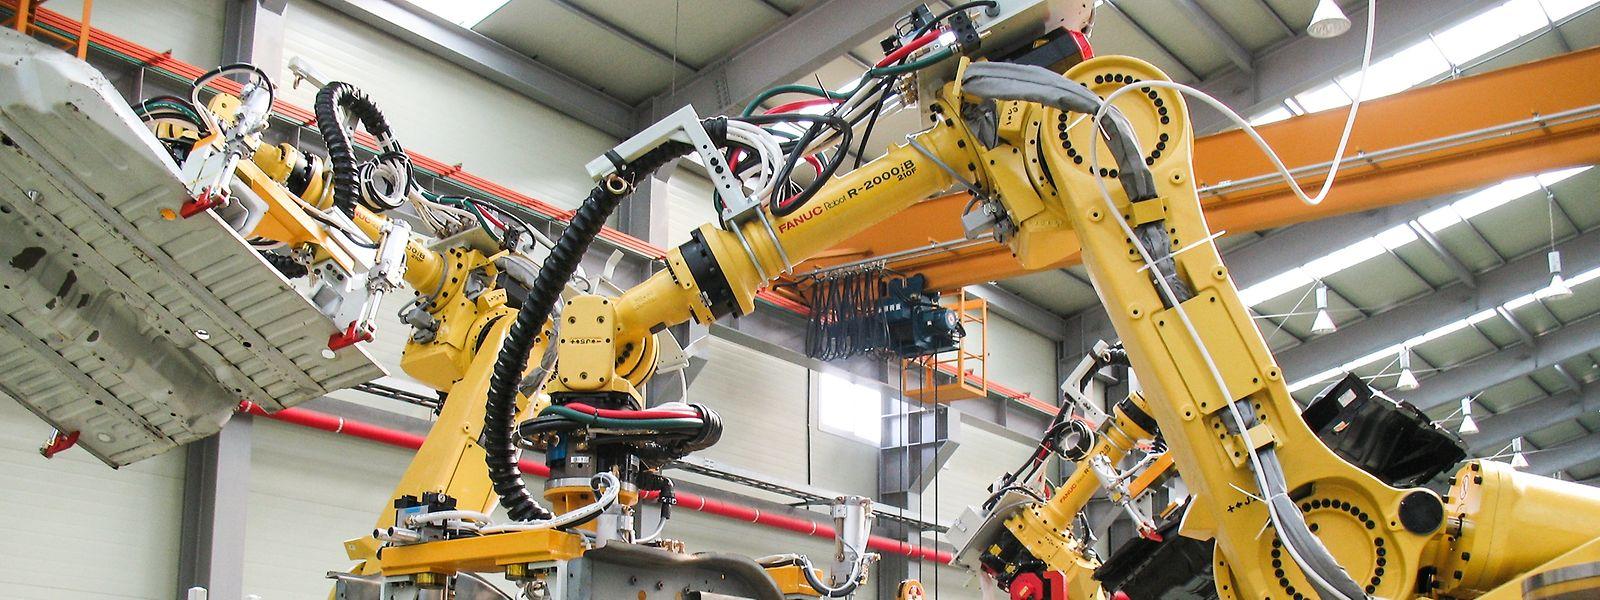 Mit künstlichen Augen können Roboter wie die hier von Fanuc komplexere Aufgaben erfüllen.